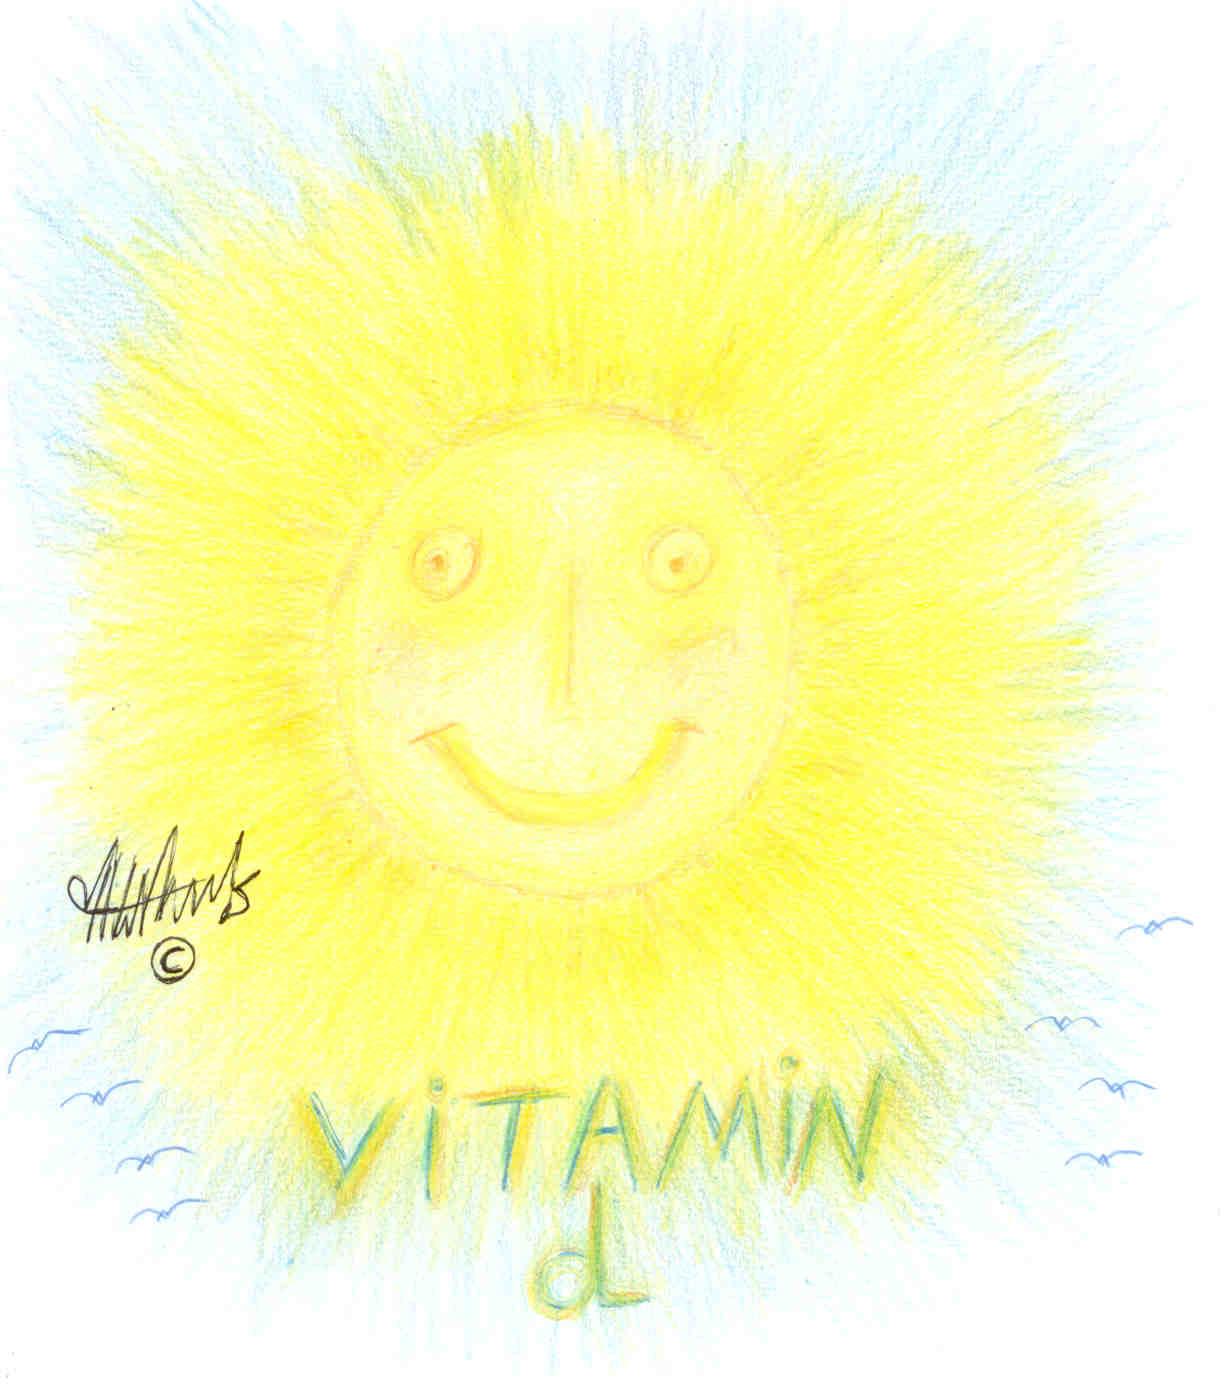 ויטמין d נוצר באופן טבעי על ידי חשיפת עורנו לקרני השמש. הימנעות מוגזמת לחשיפה מהשמש עלולה לגרום לחוסר בויטמין d ולגרור אחריה מחלות ובין היתר למחלת אוסטיאופורוזיס.